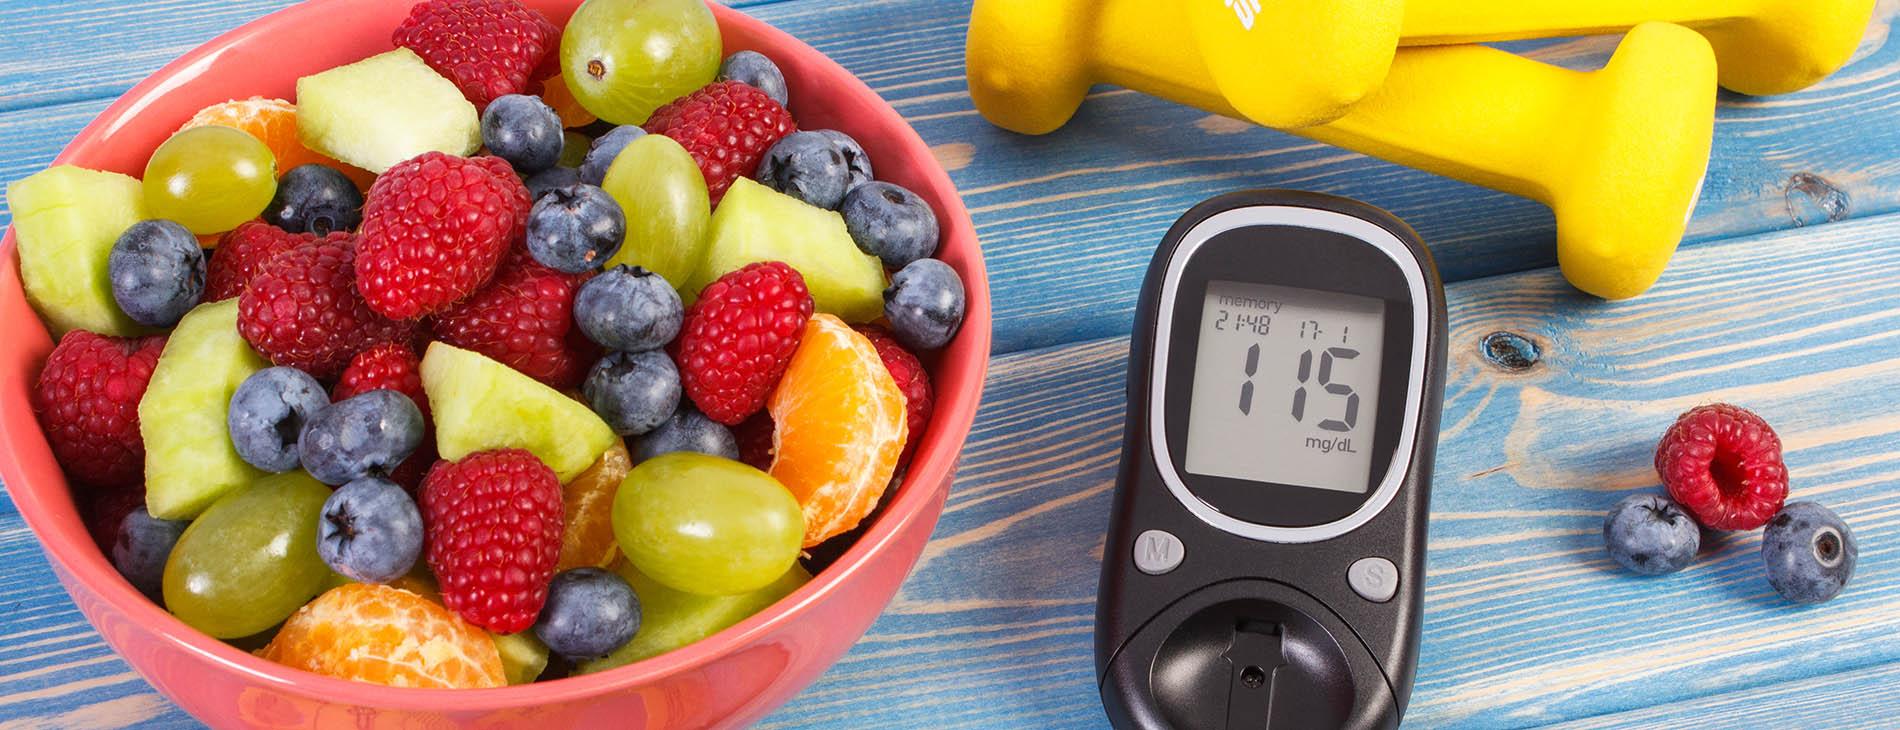 kaip gydyti hipertenziją sergant cukriniu diabetu